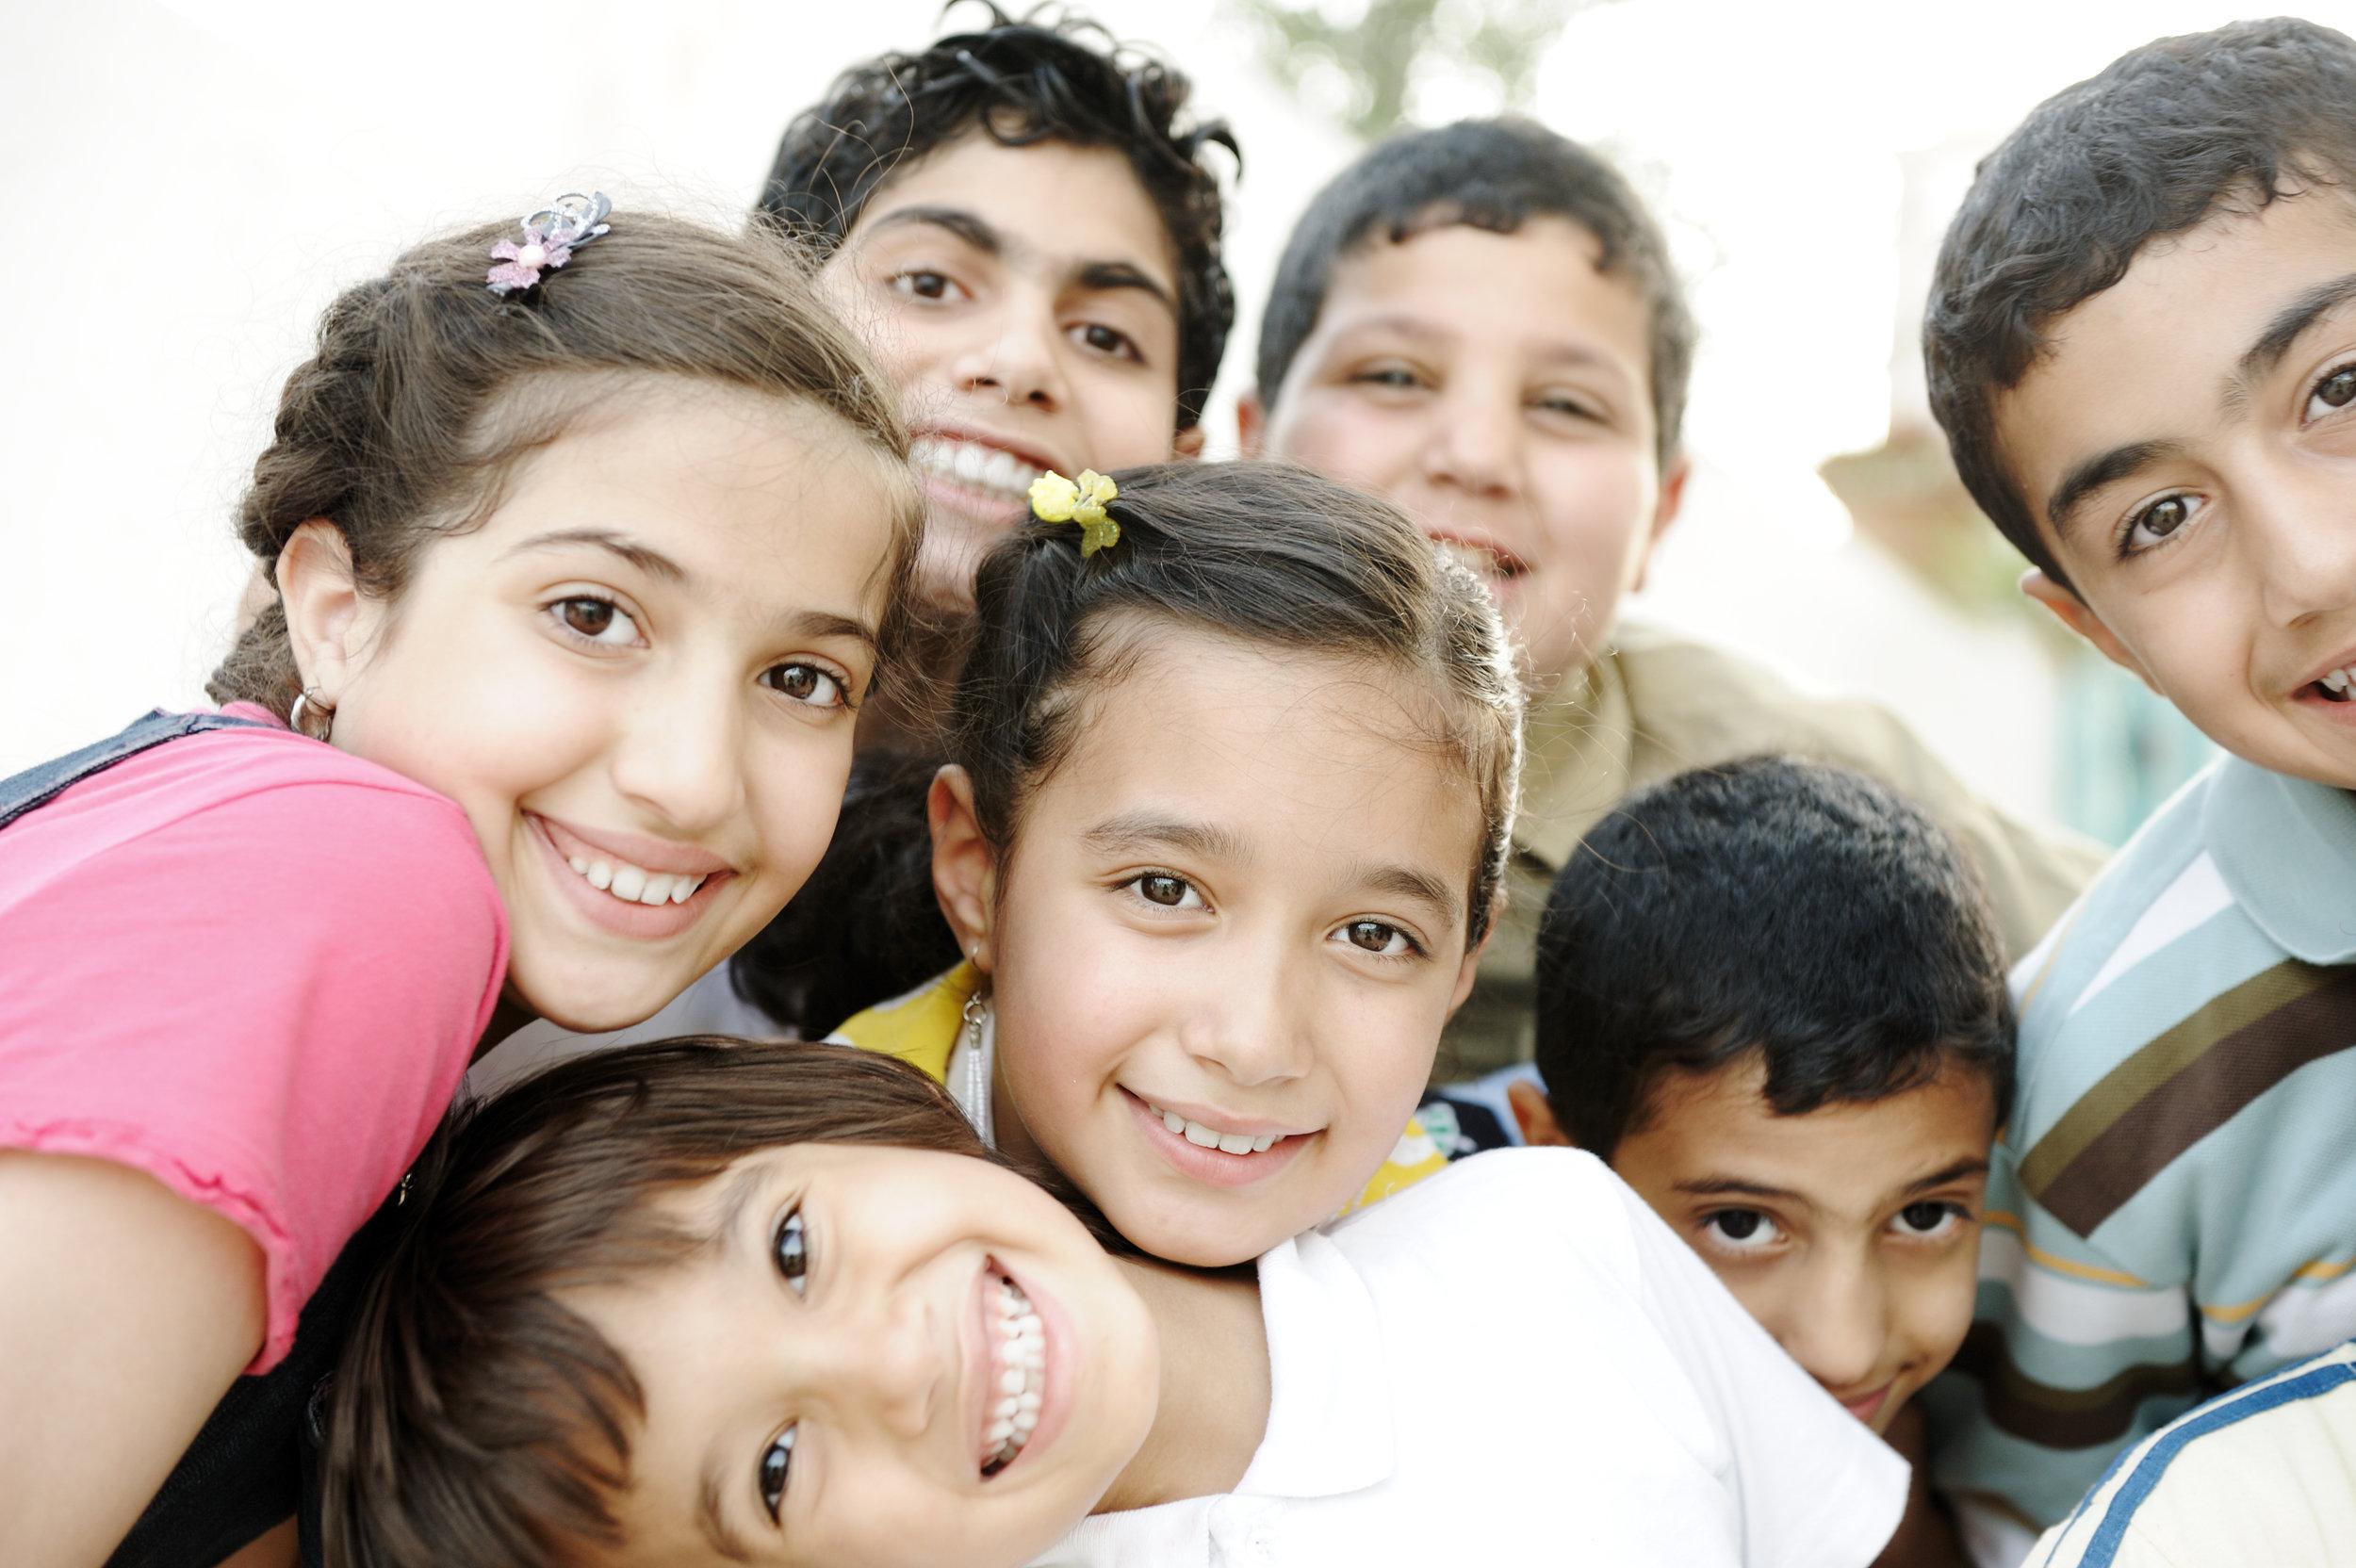 group-of-happy-children_BKfeuMB6So.jpg